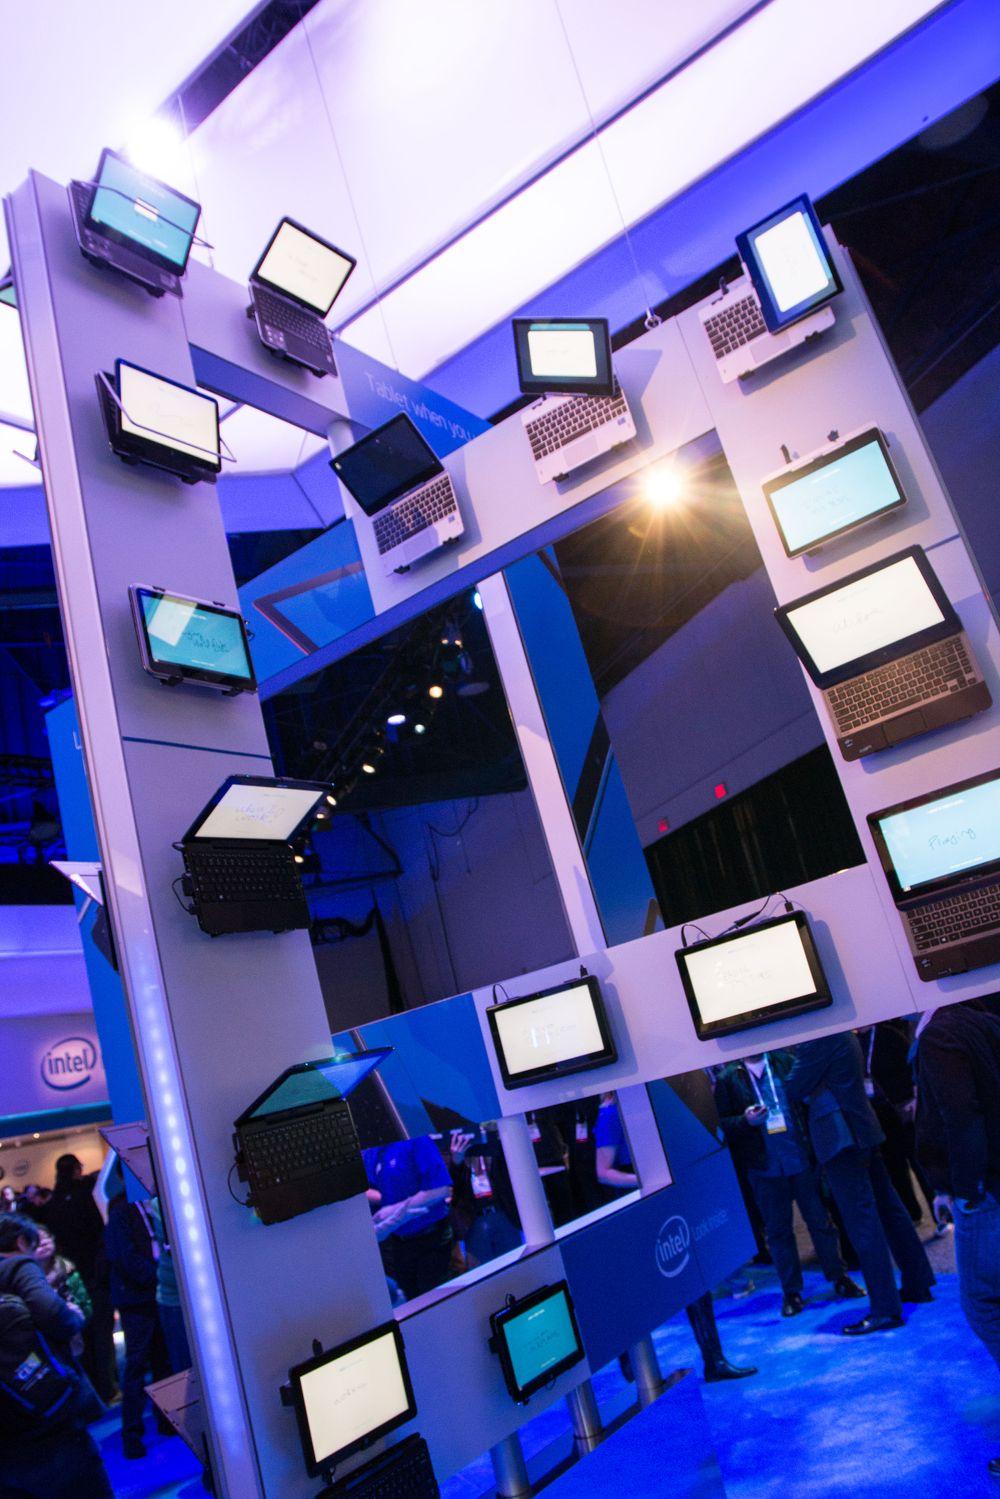 Intel viste frem en rekke Ultrabook-konsepter på sin stand.